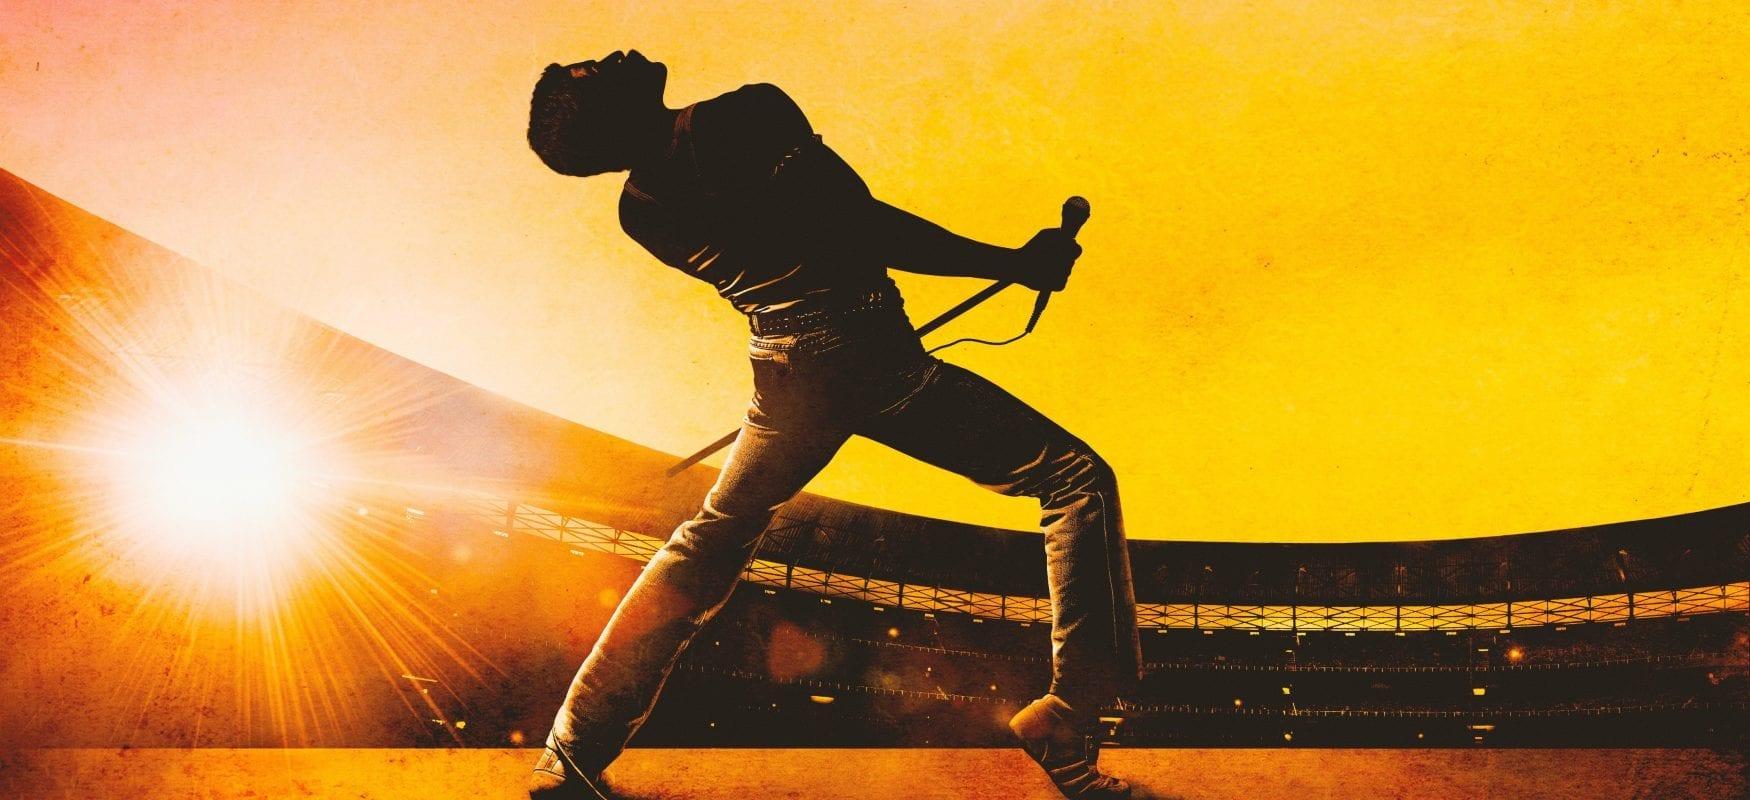 Wszystkie kolory muzyki – recenzja filmu Bohemian Rhapsody